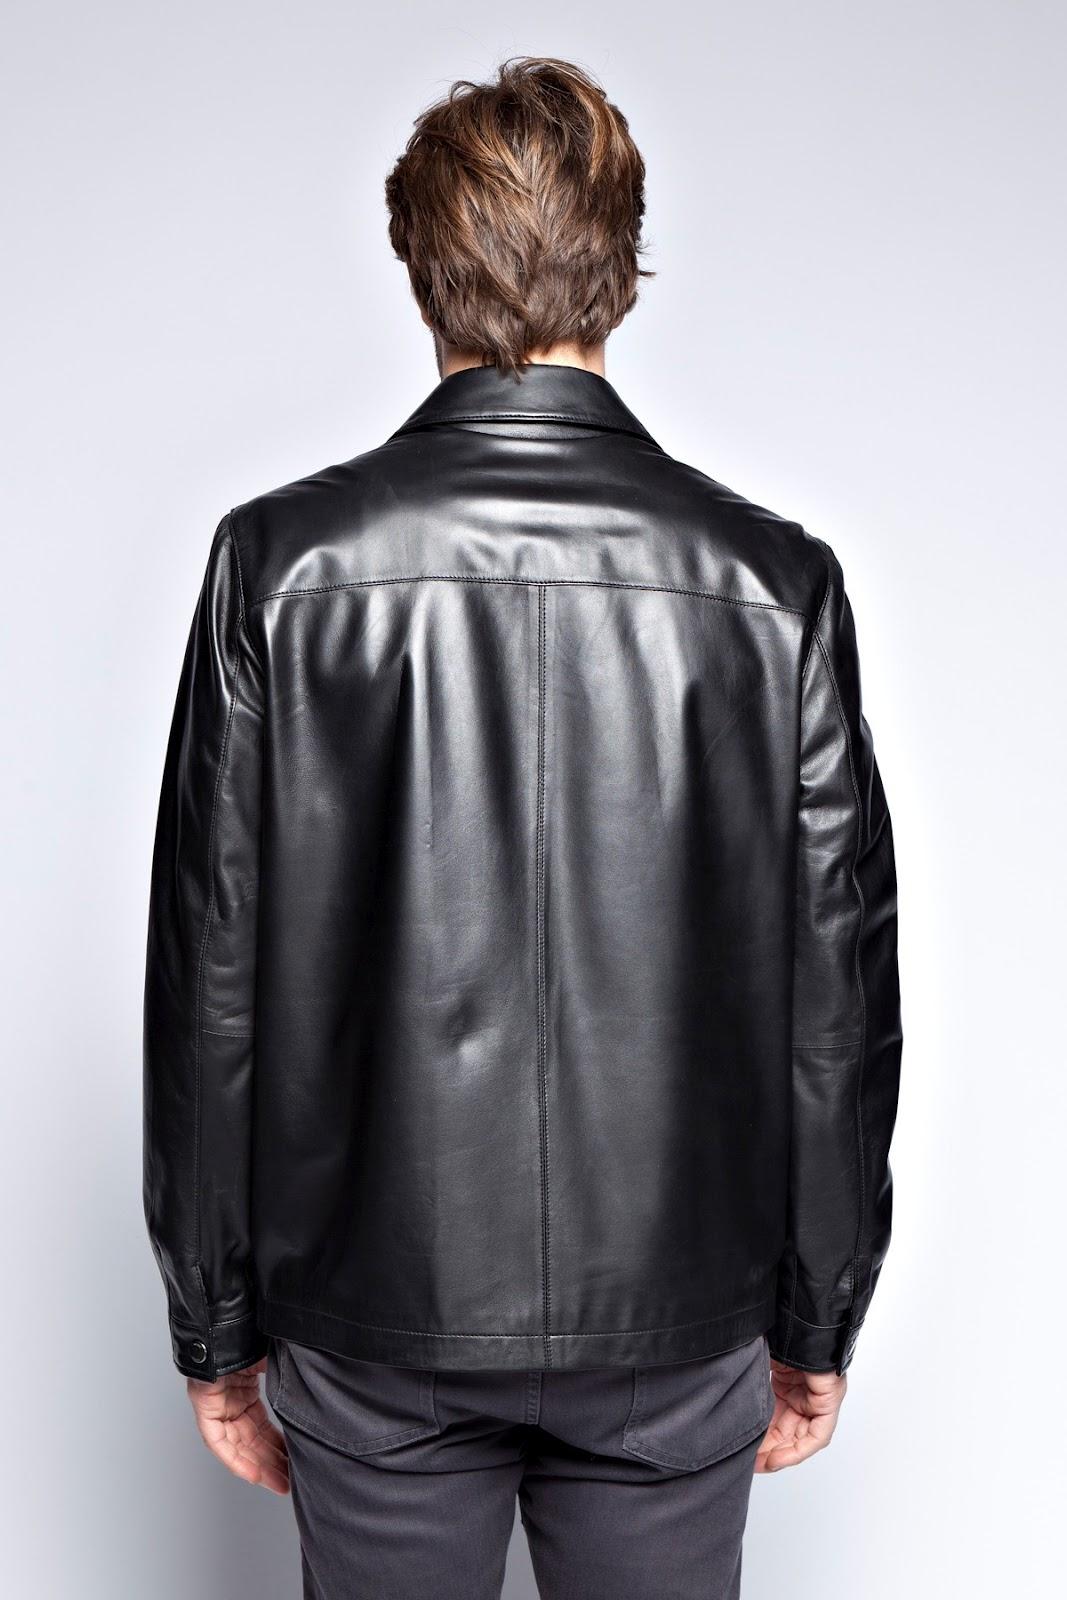 Richard hammond leather jacket